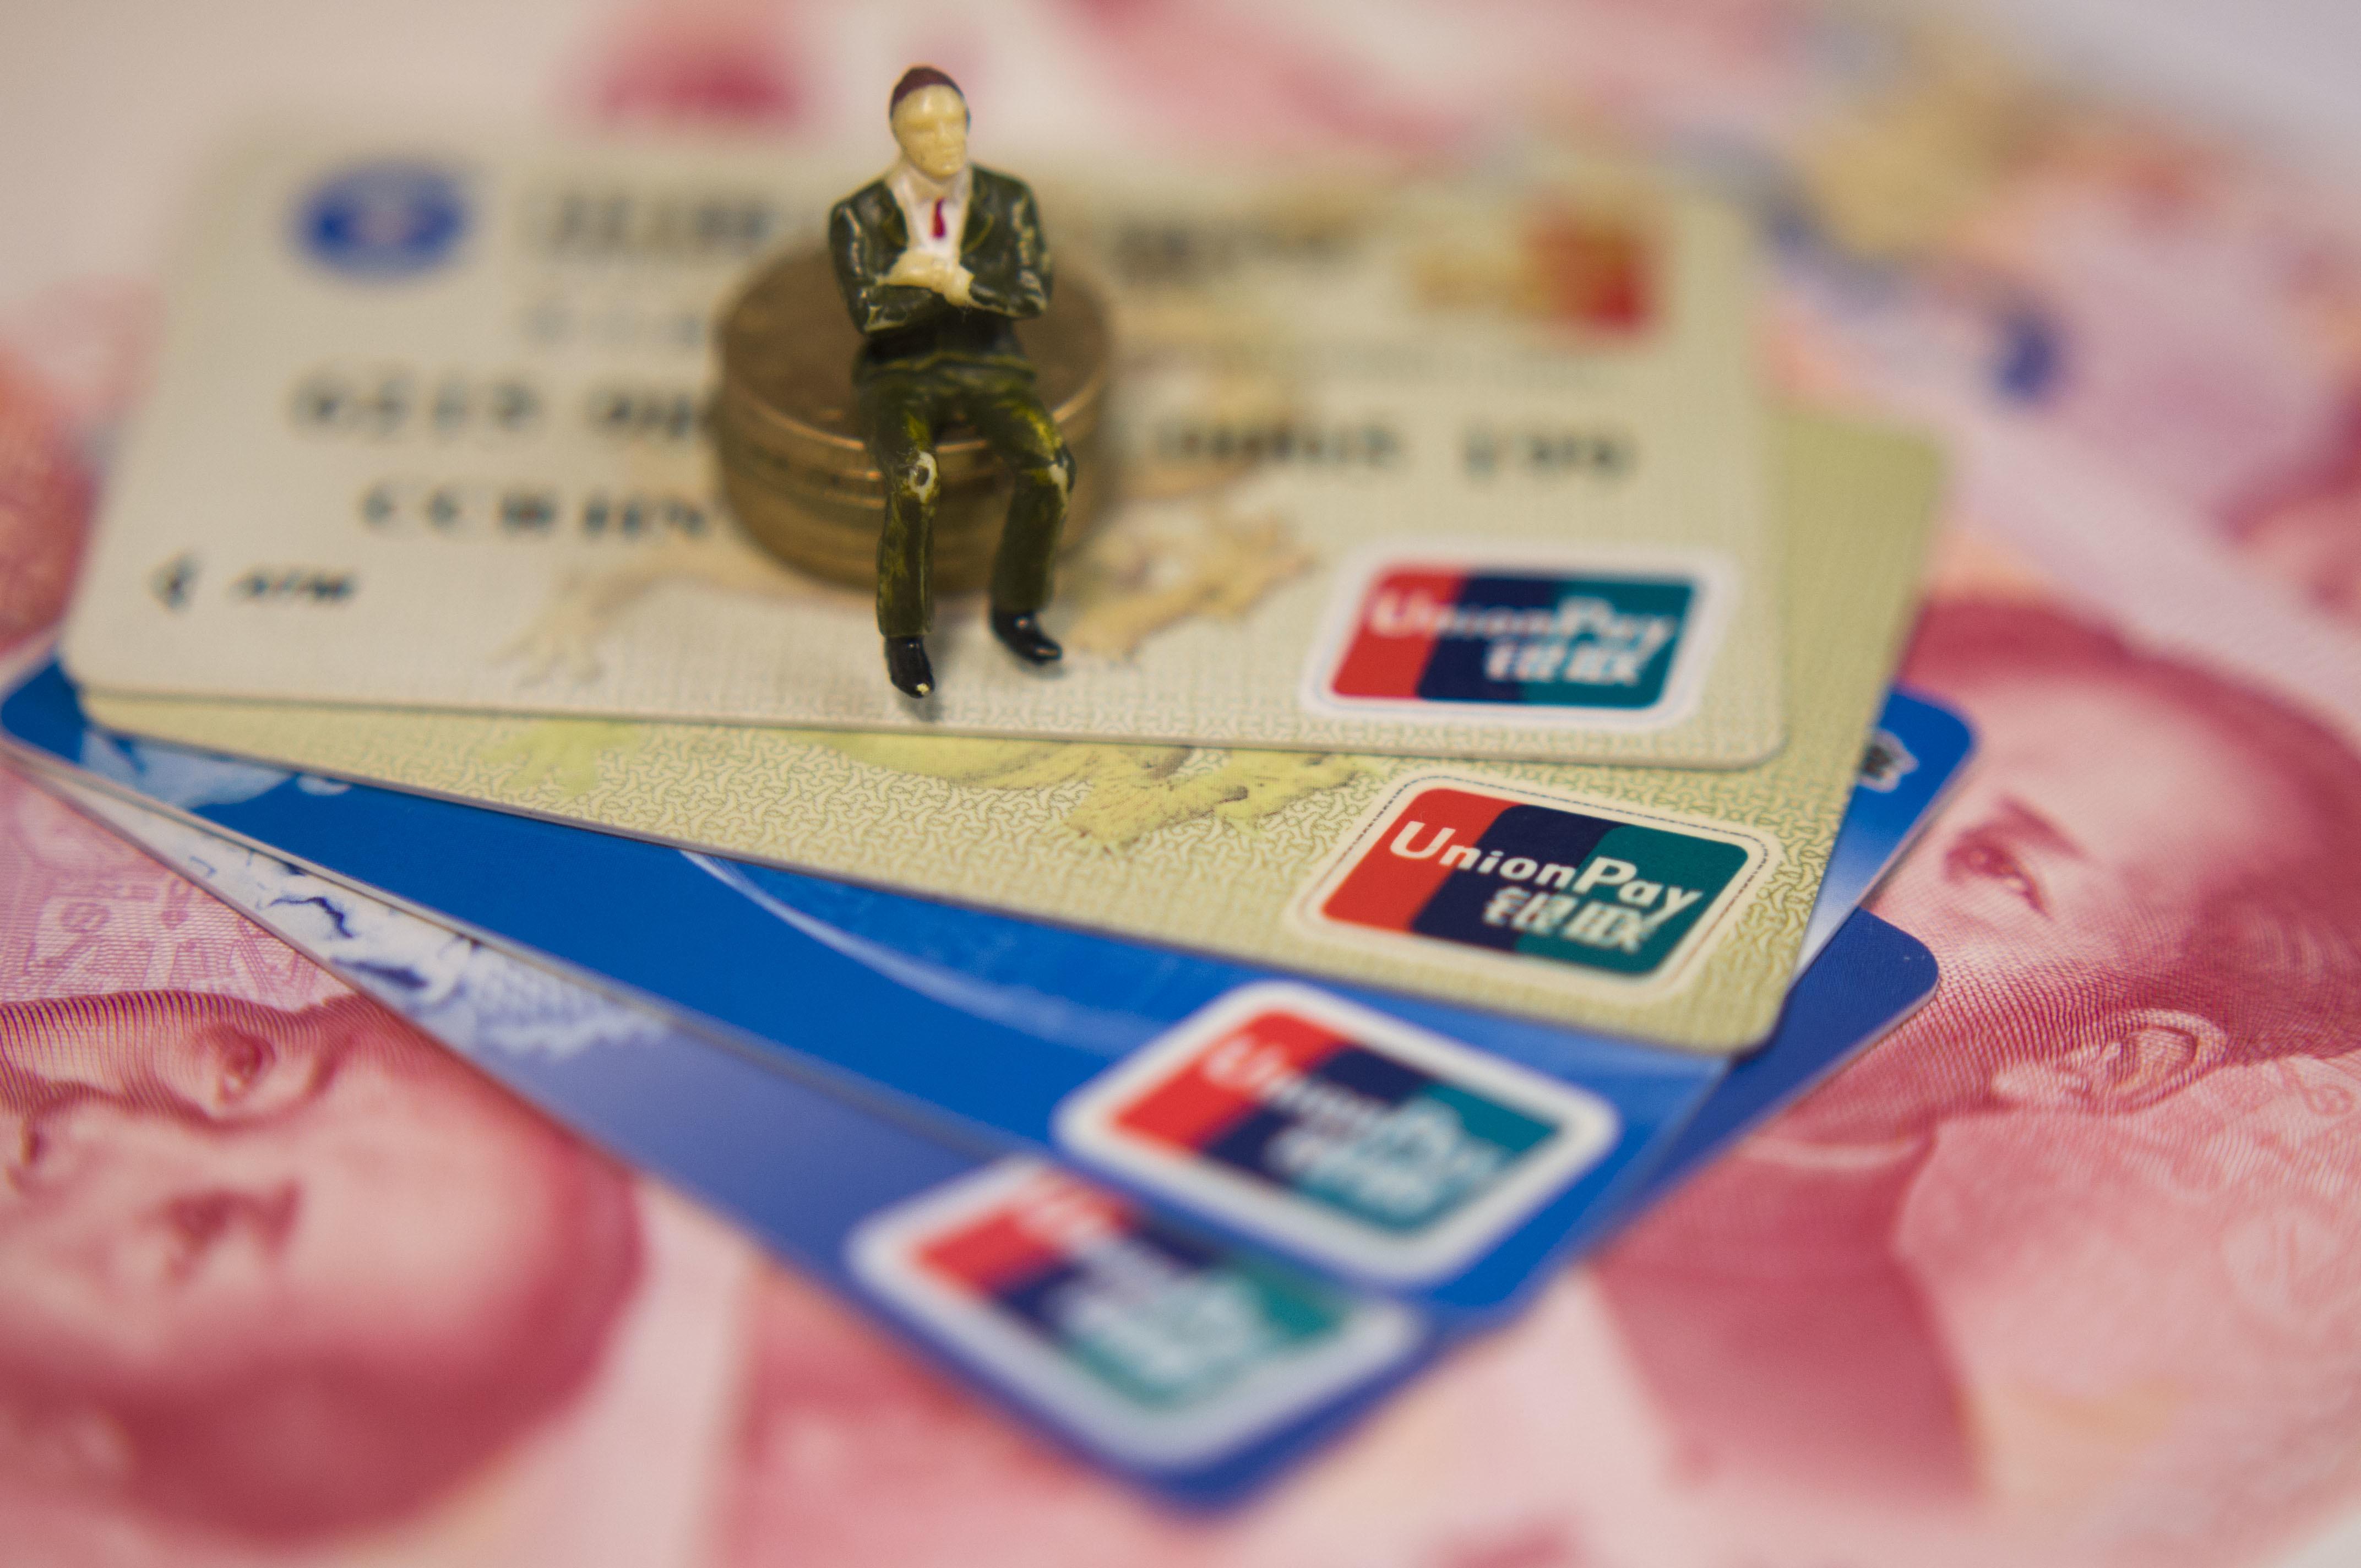 申请信用卡时,怎么包装个人资料才能拿下大额卡?